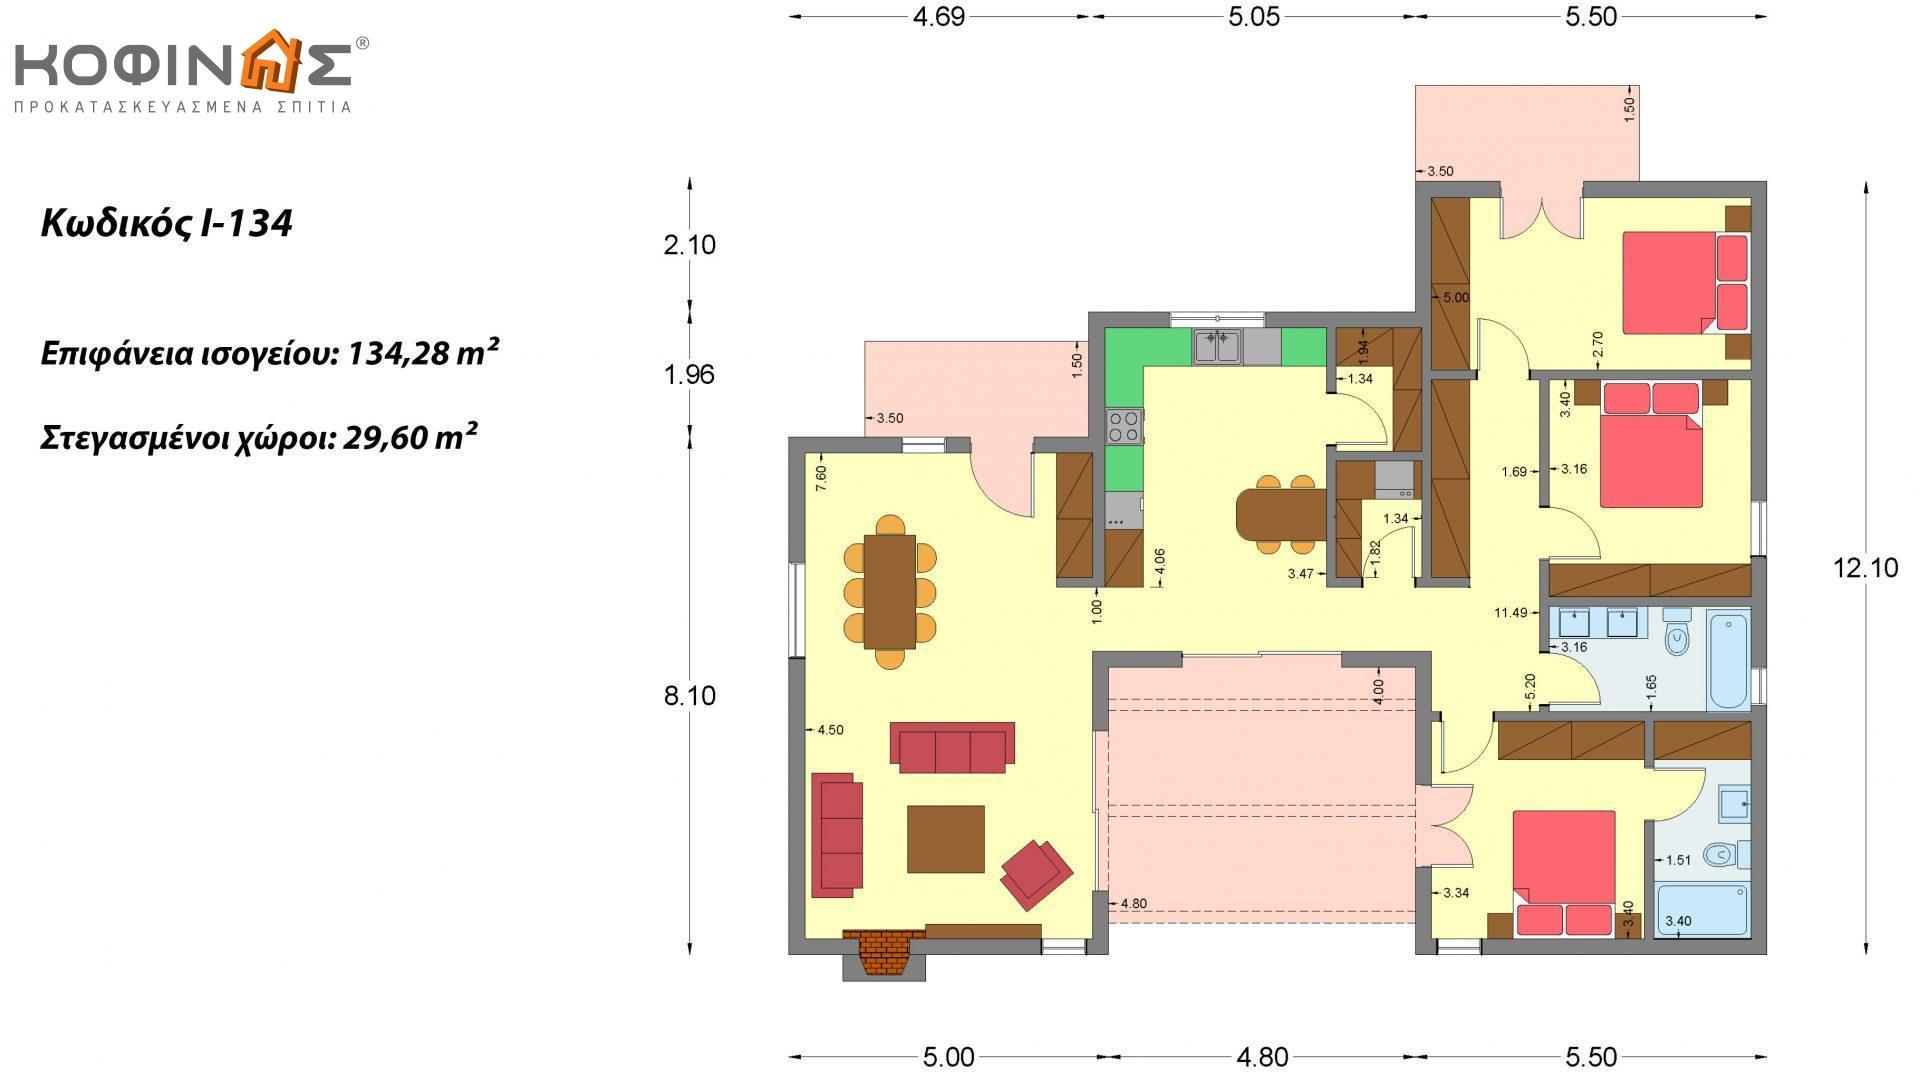 Ισόγεια Κατοικία I-134, συνολικής επιφάνειας 134,28 τ.μ., στεγασμένοι χώροι 29,60 τ.μ.